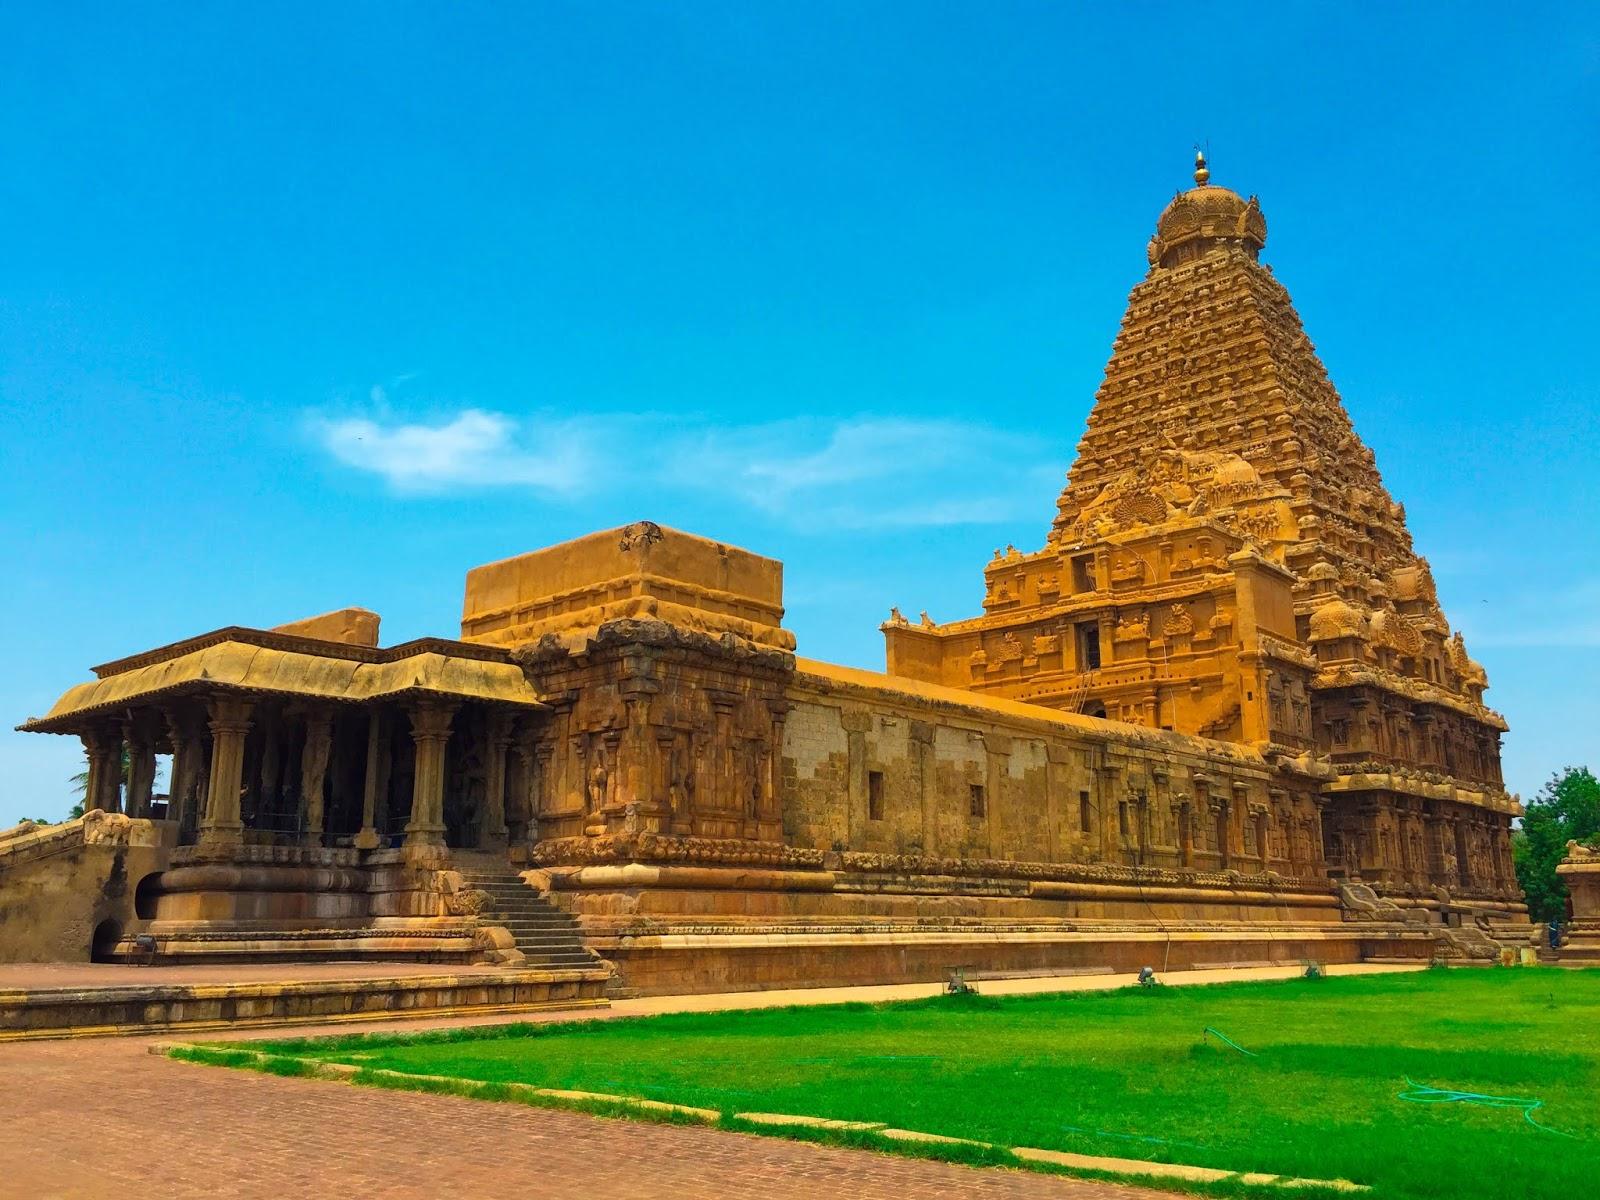 తంజావూర్ బృహదీశ్వర ఆలయం తమిళనాడు పూర్తి వివరాలు Thanjavur Brihadeshwara Temple Tamil Nadu Full Details